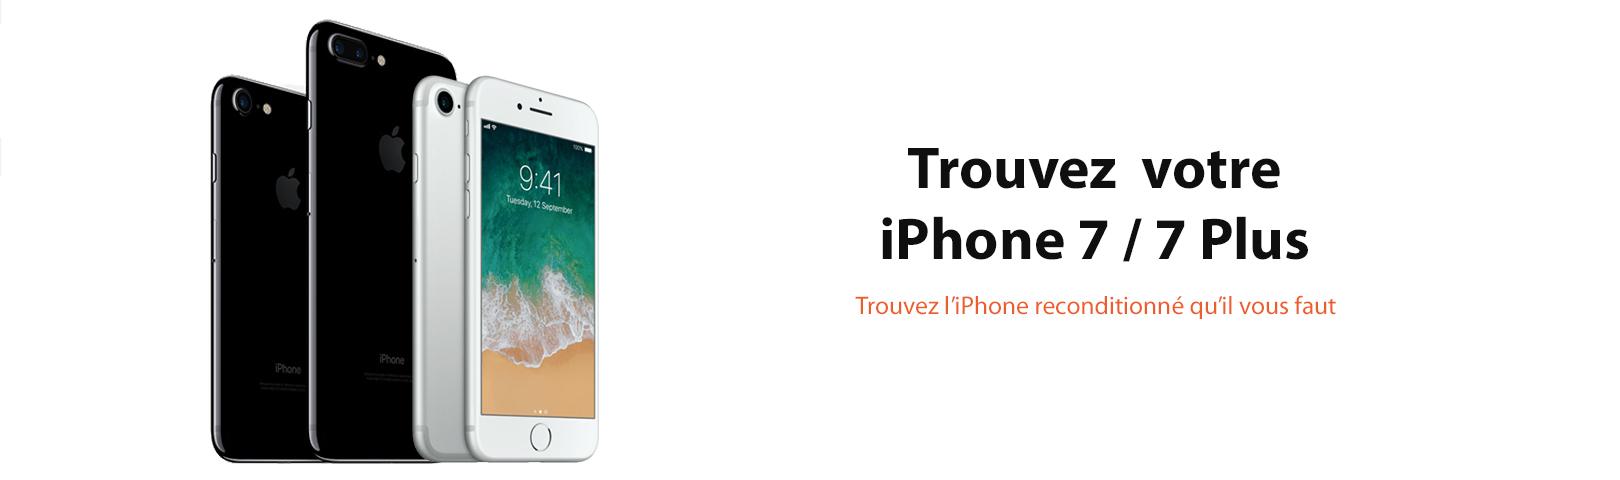 iPhone 7 / 77 plus reconditionné